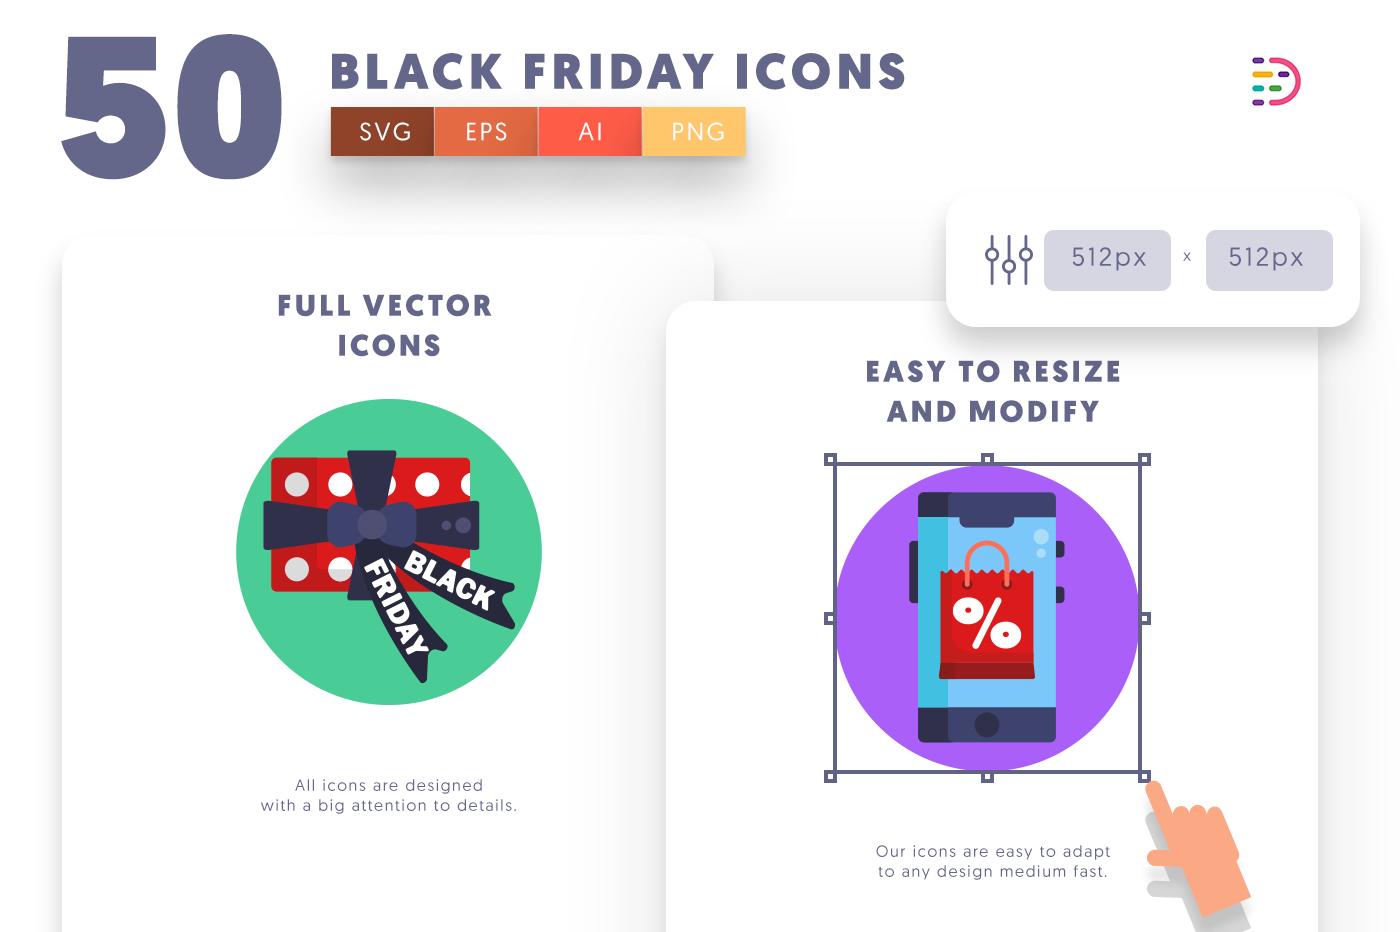 Full vector 50Blackfriday Icons